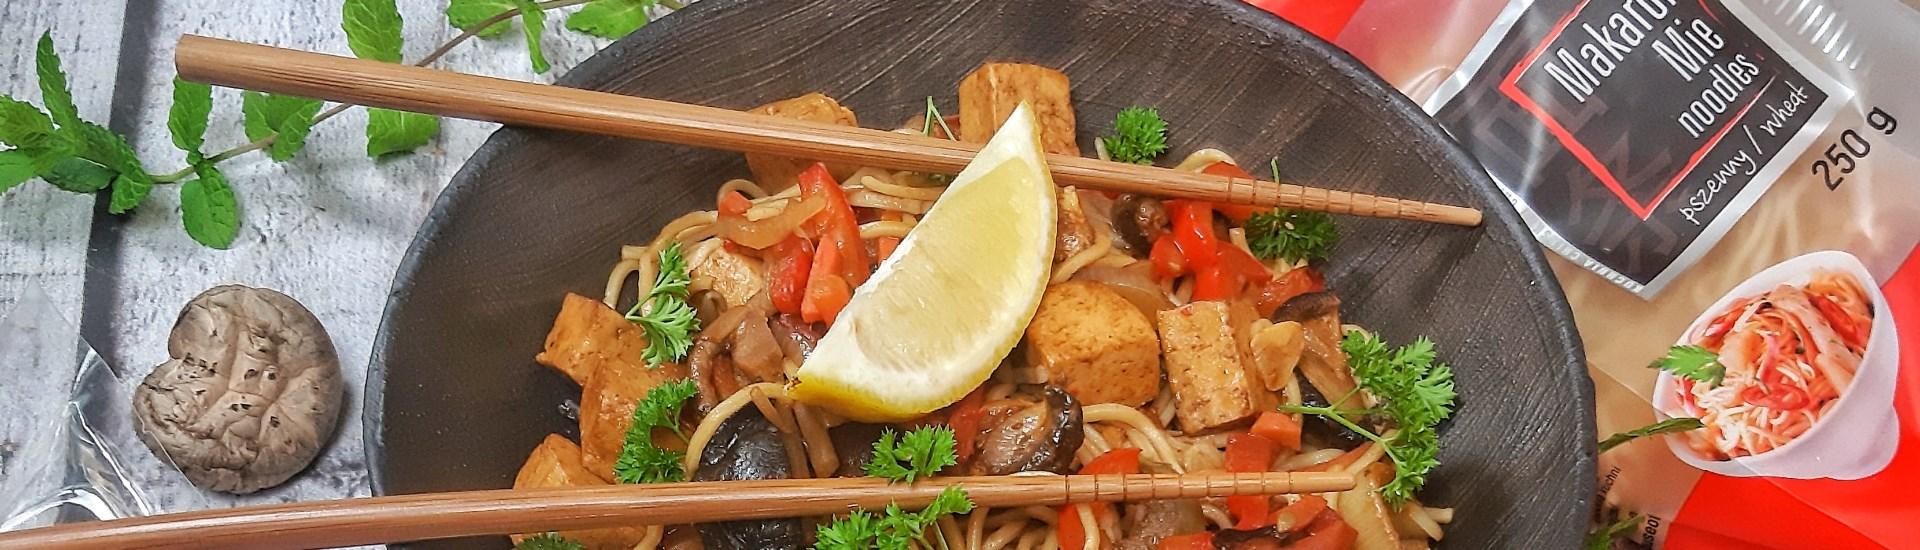 Makaron smażony z warzywami Mateusz Krojenka przepis